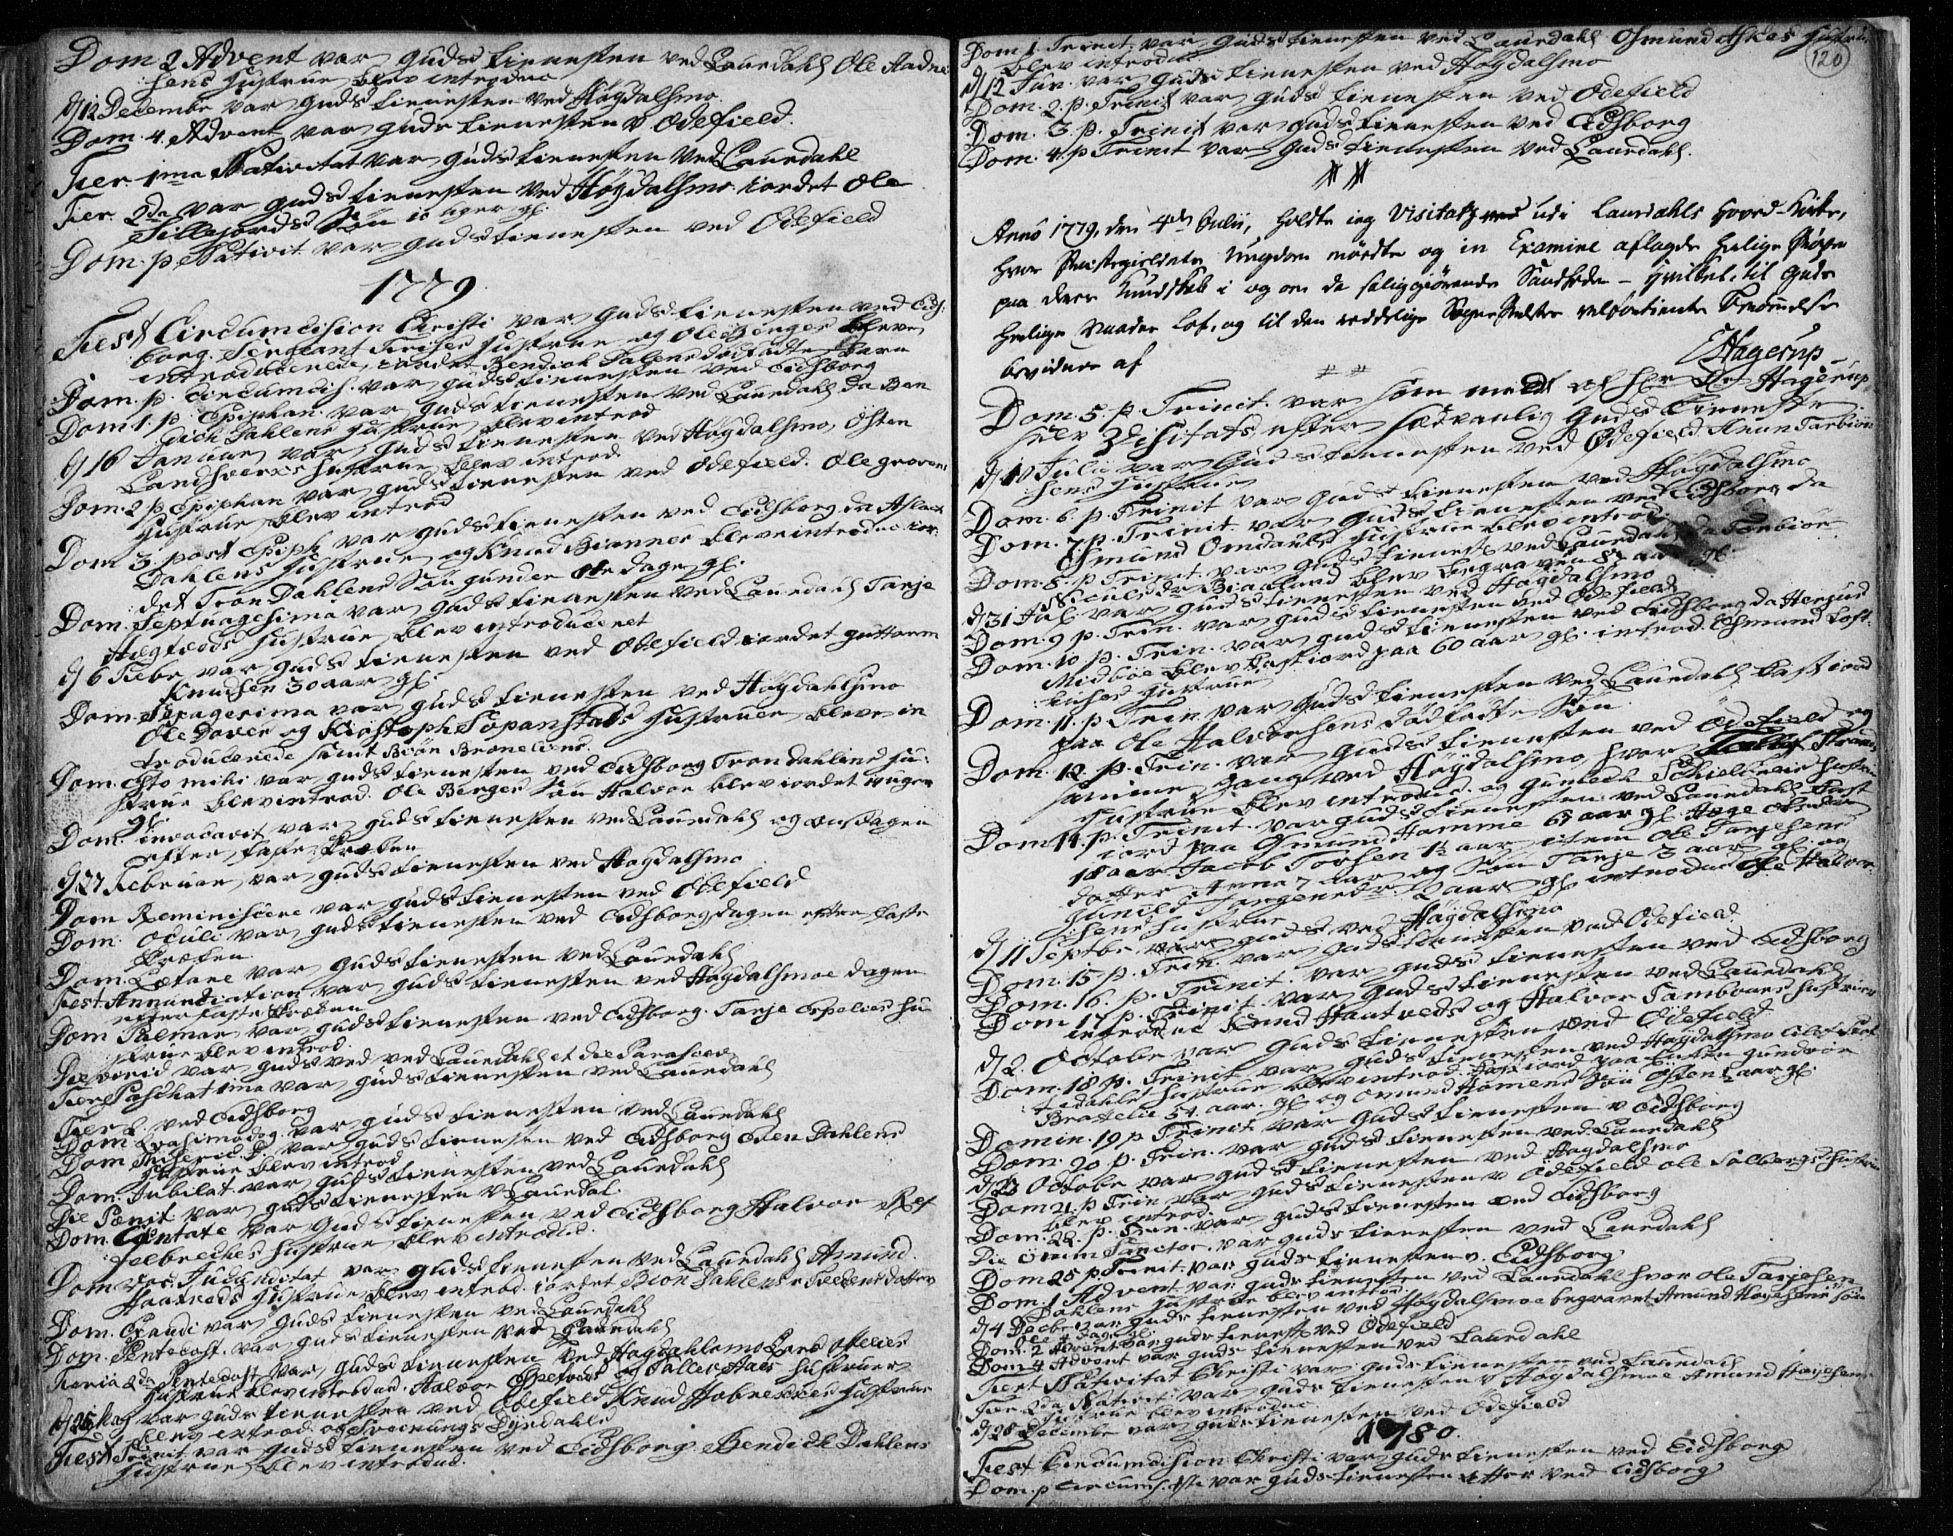 SAKO, Lårdal kirkebøker, F/Fa/L0003: Ministerialbok nr. I 3, 1754-1790, s. 120